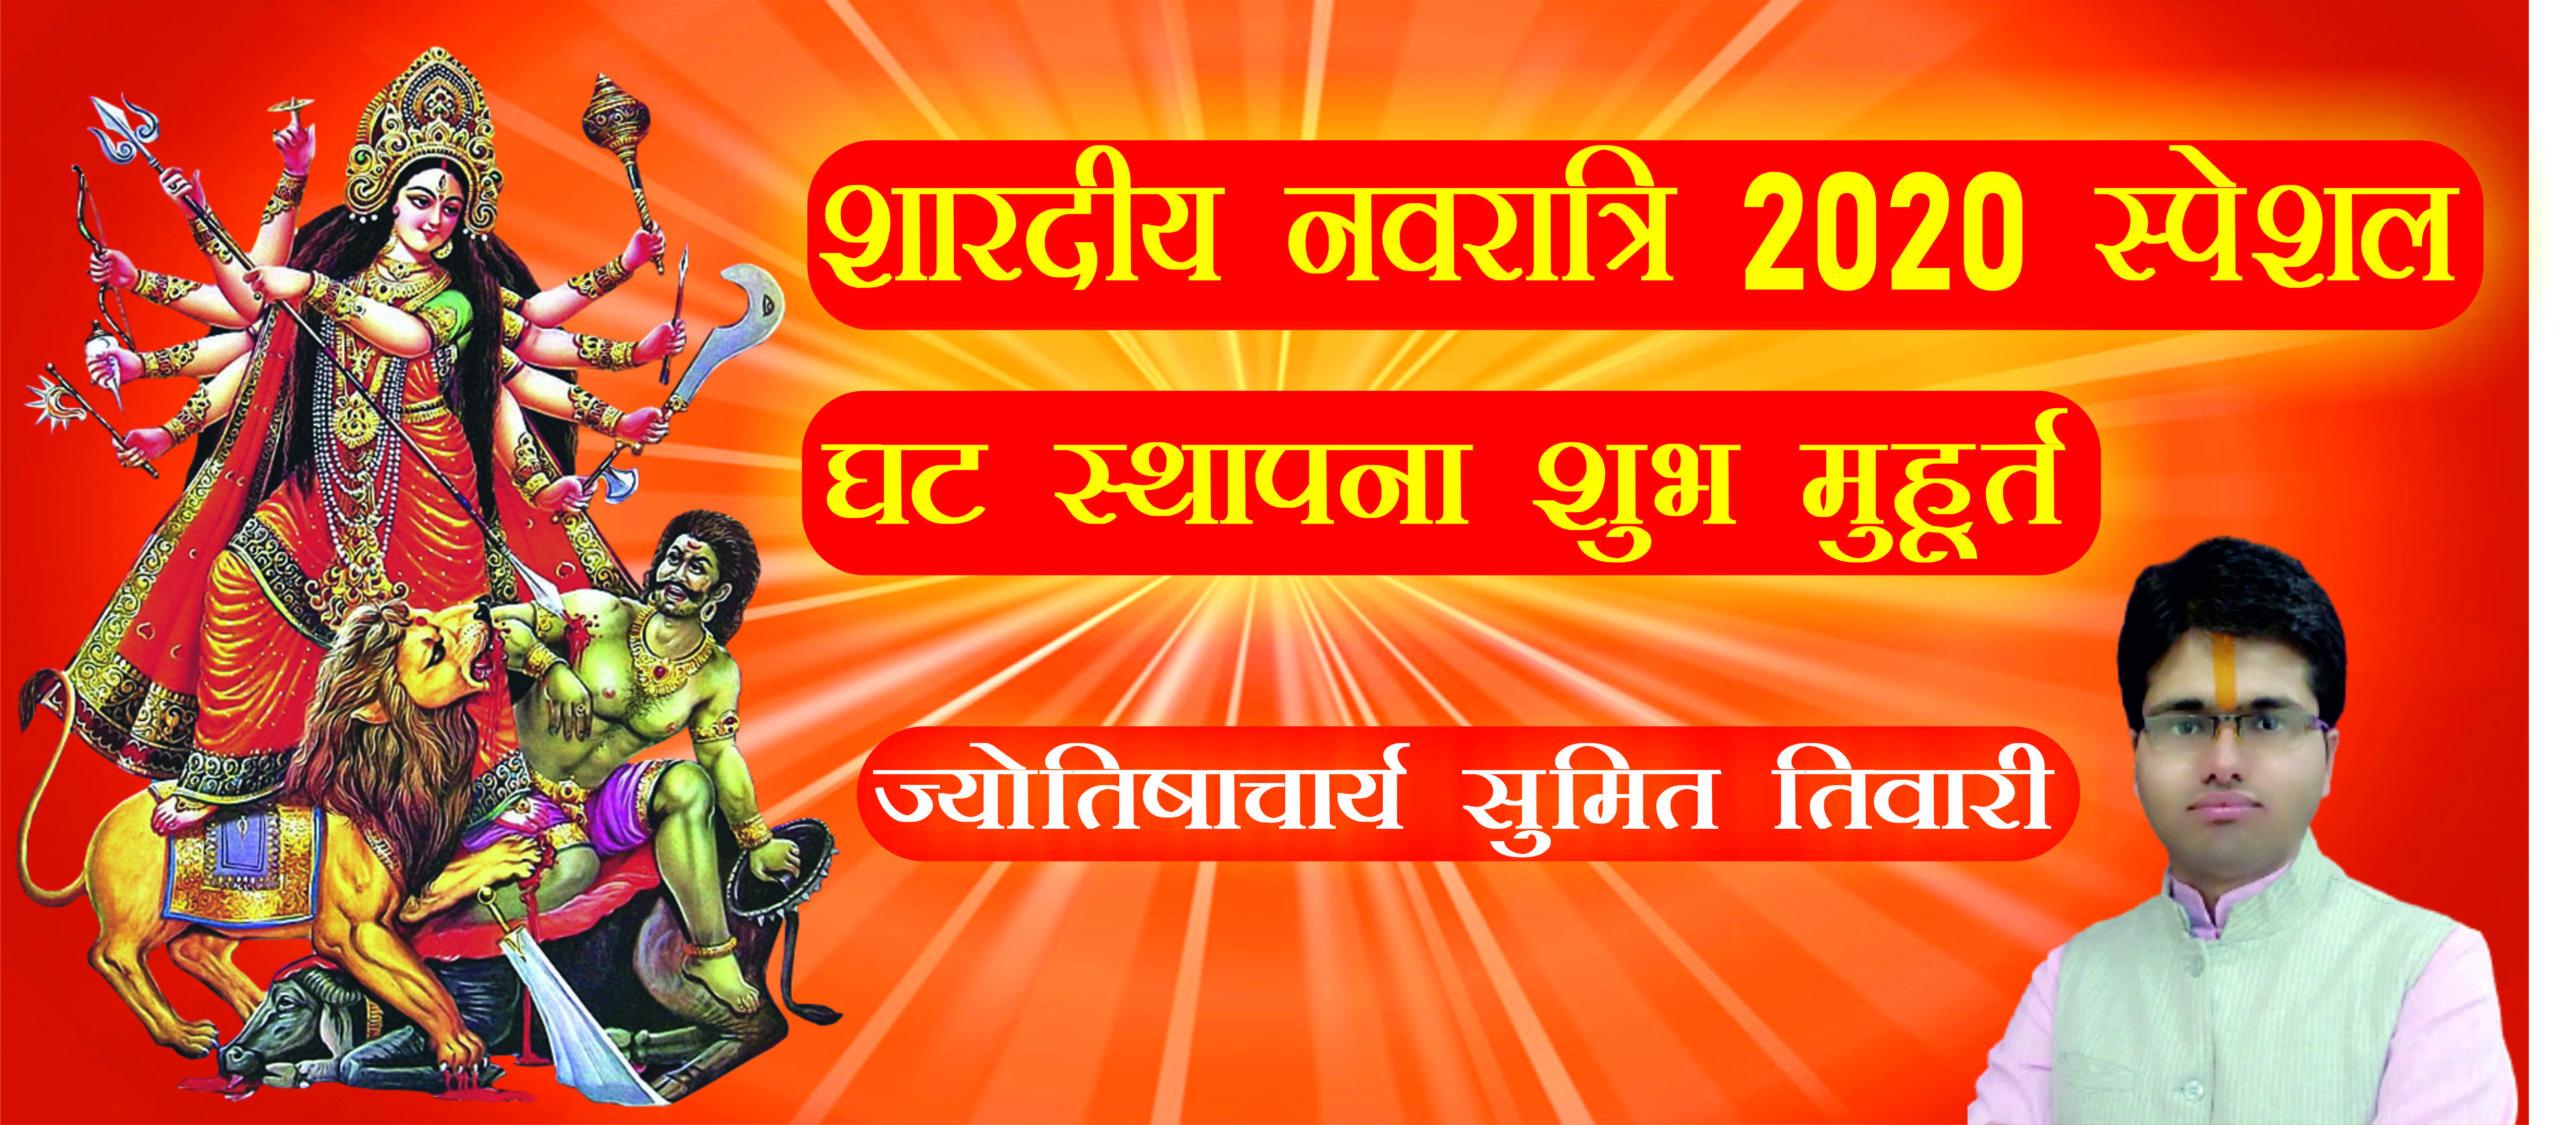 शारदीय नवरात्रि २०२० स्पेशल : घट स्थापना शुभ मुहूर्त